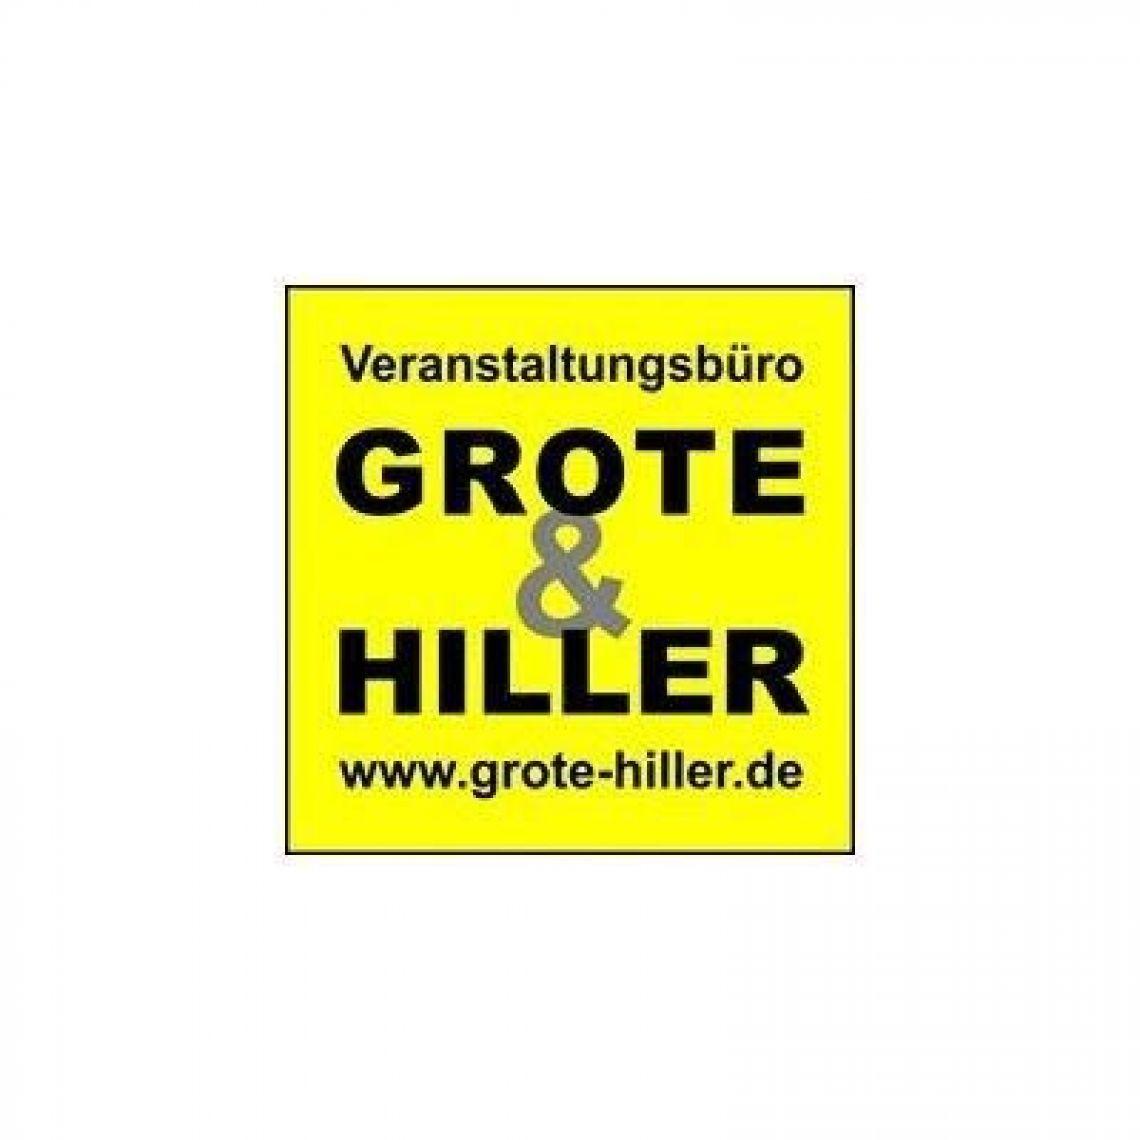 9. VW-Käfer- & Trabitreffen (Gesamtdeutsches Volkswagentreffen) in Nümbrecht im Ortskern